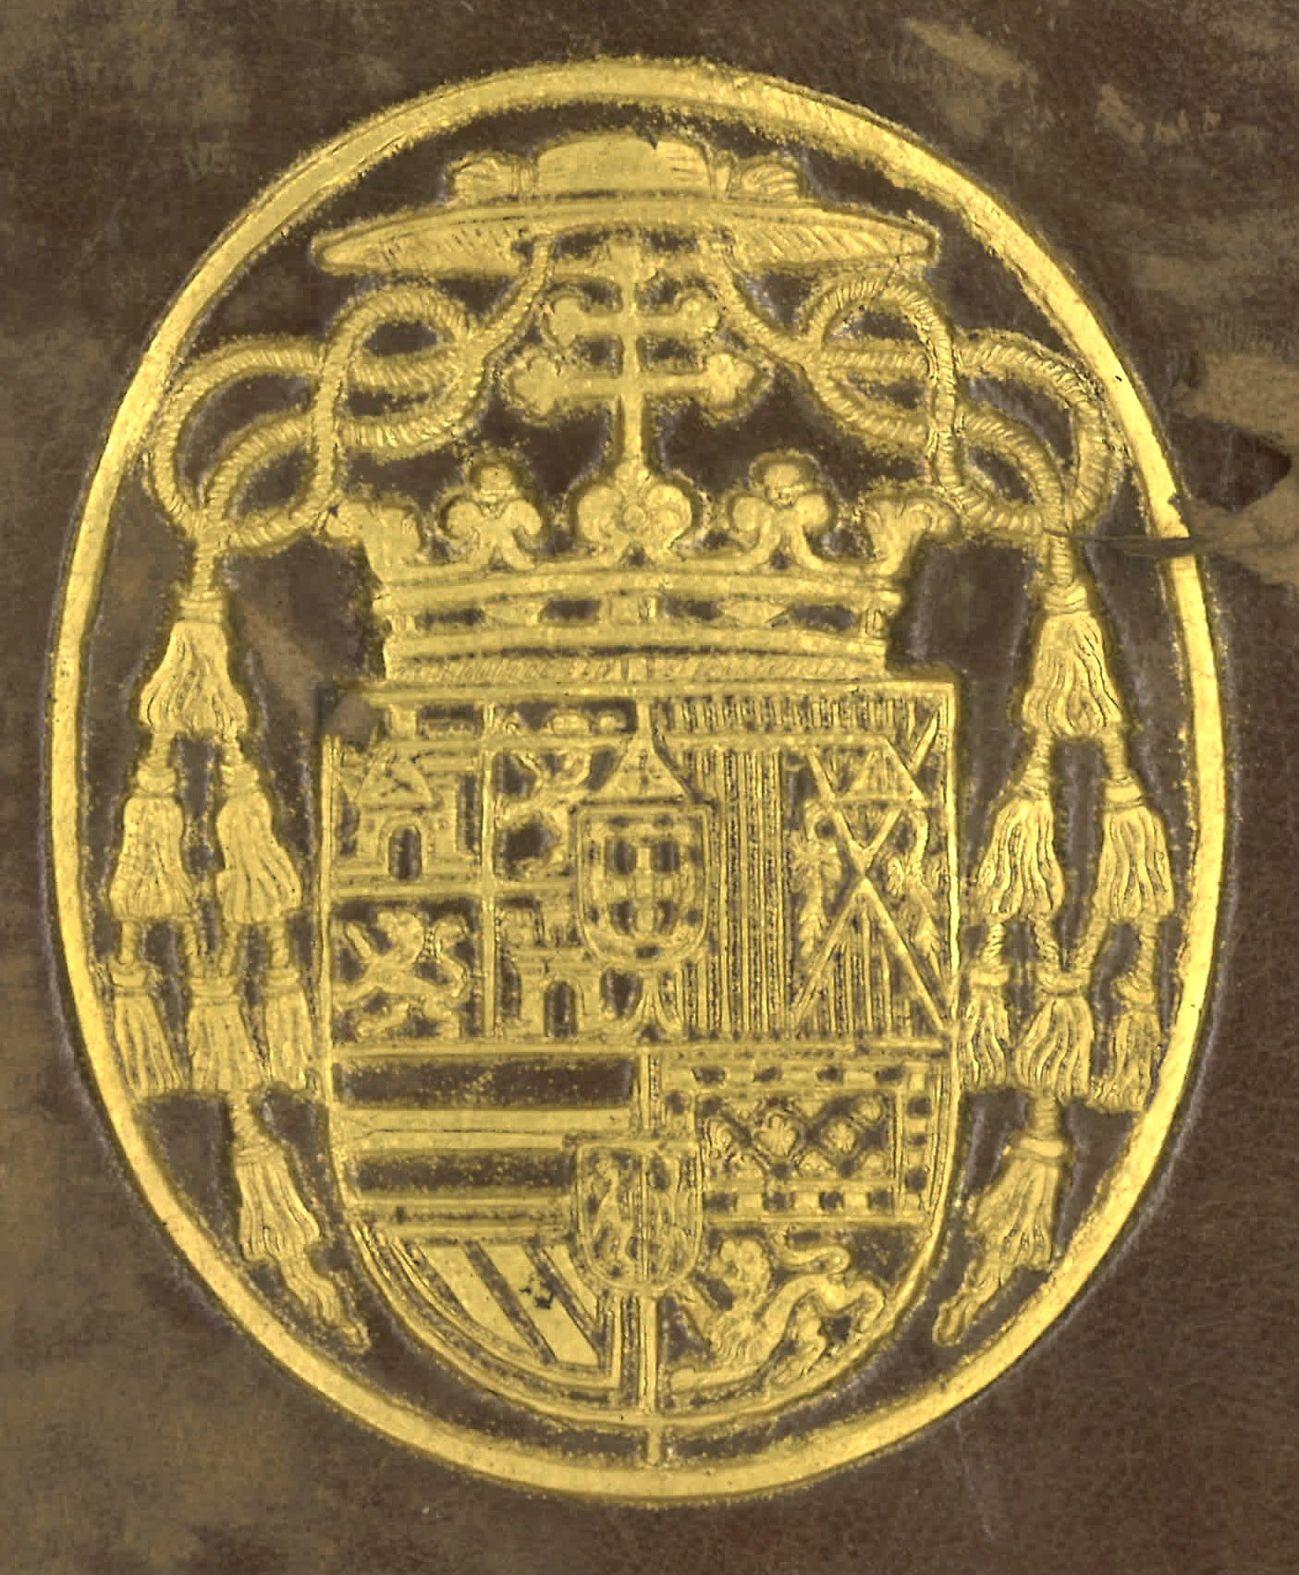 Supralibros heráldico con el escudo de armas del Cardenal Infante Fernando de Austria